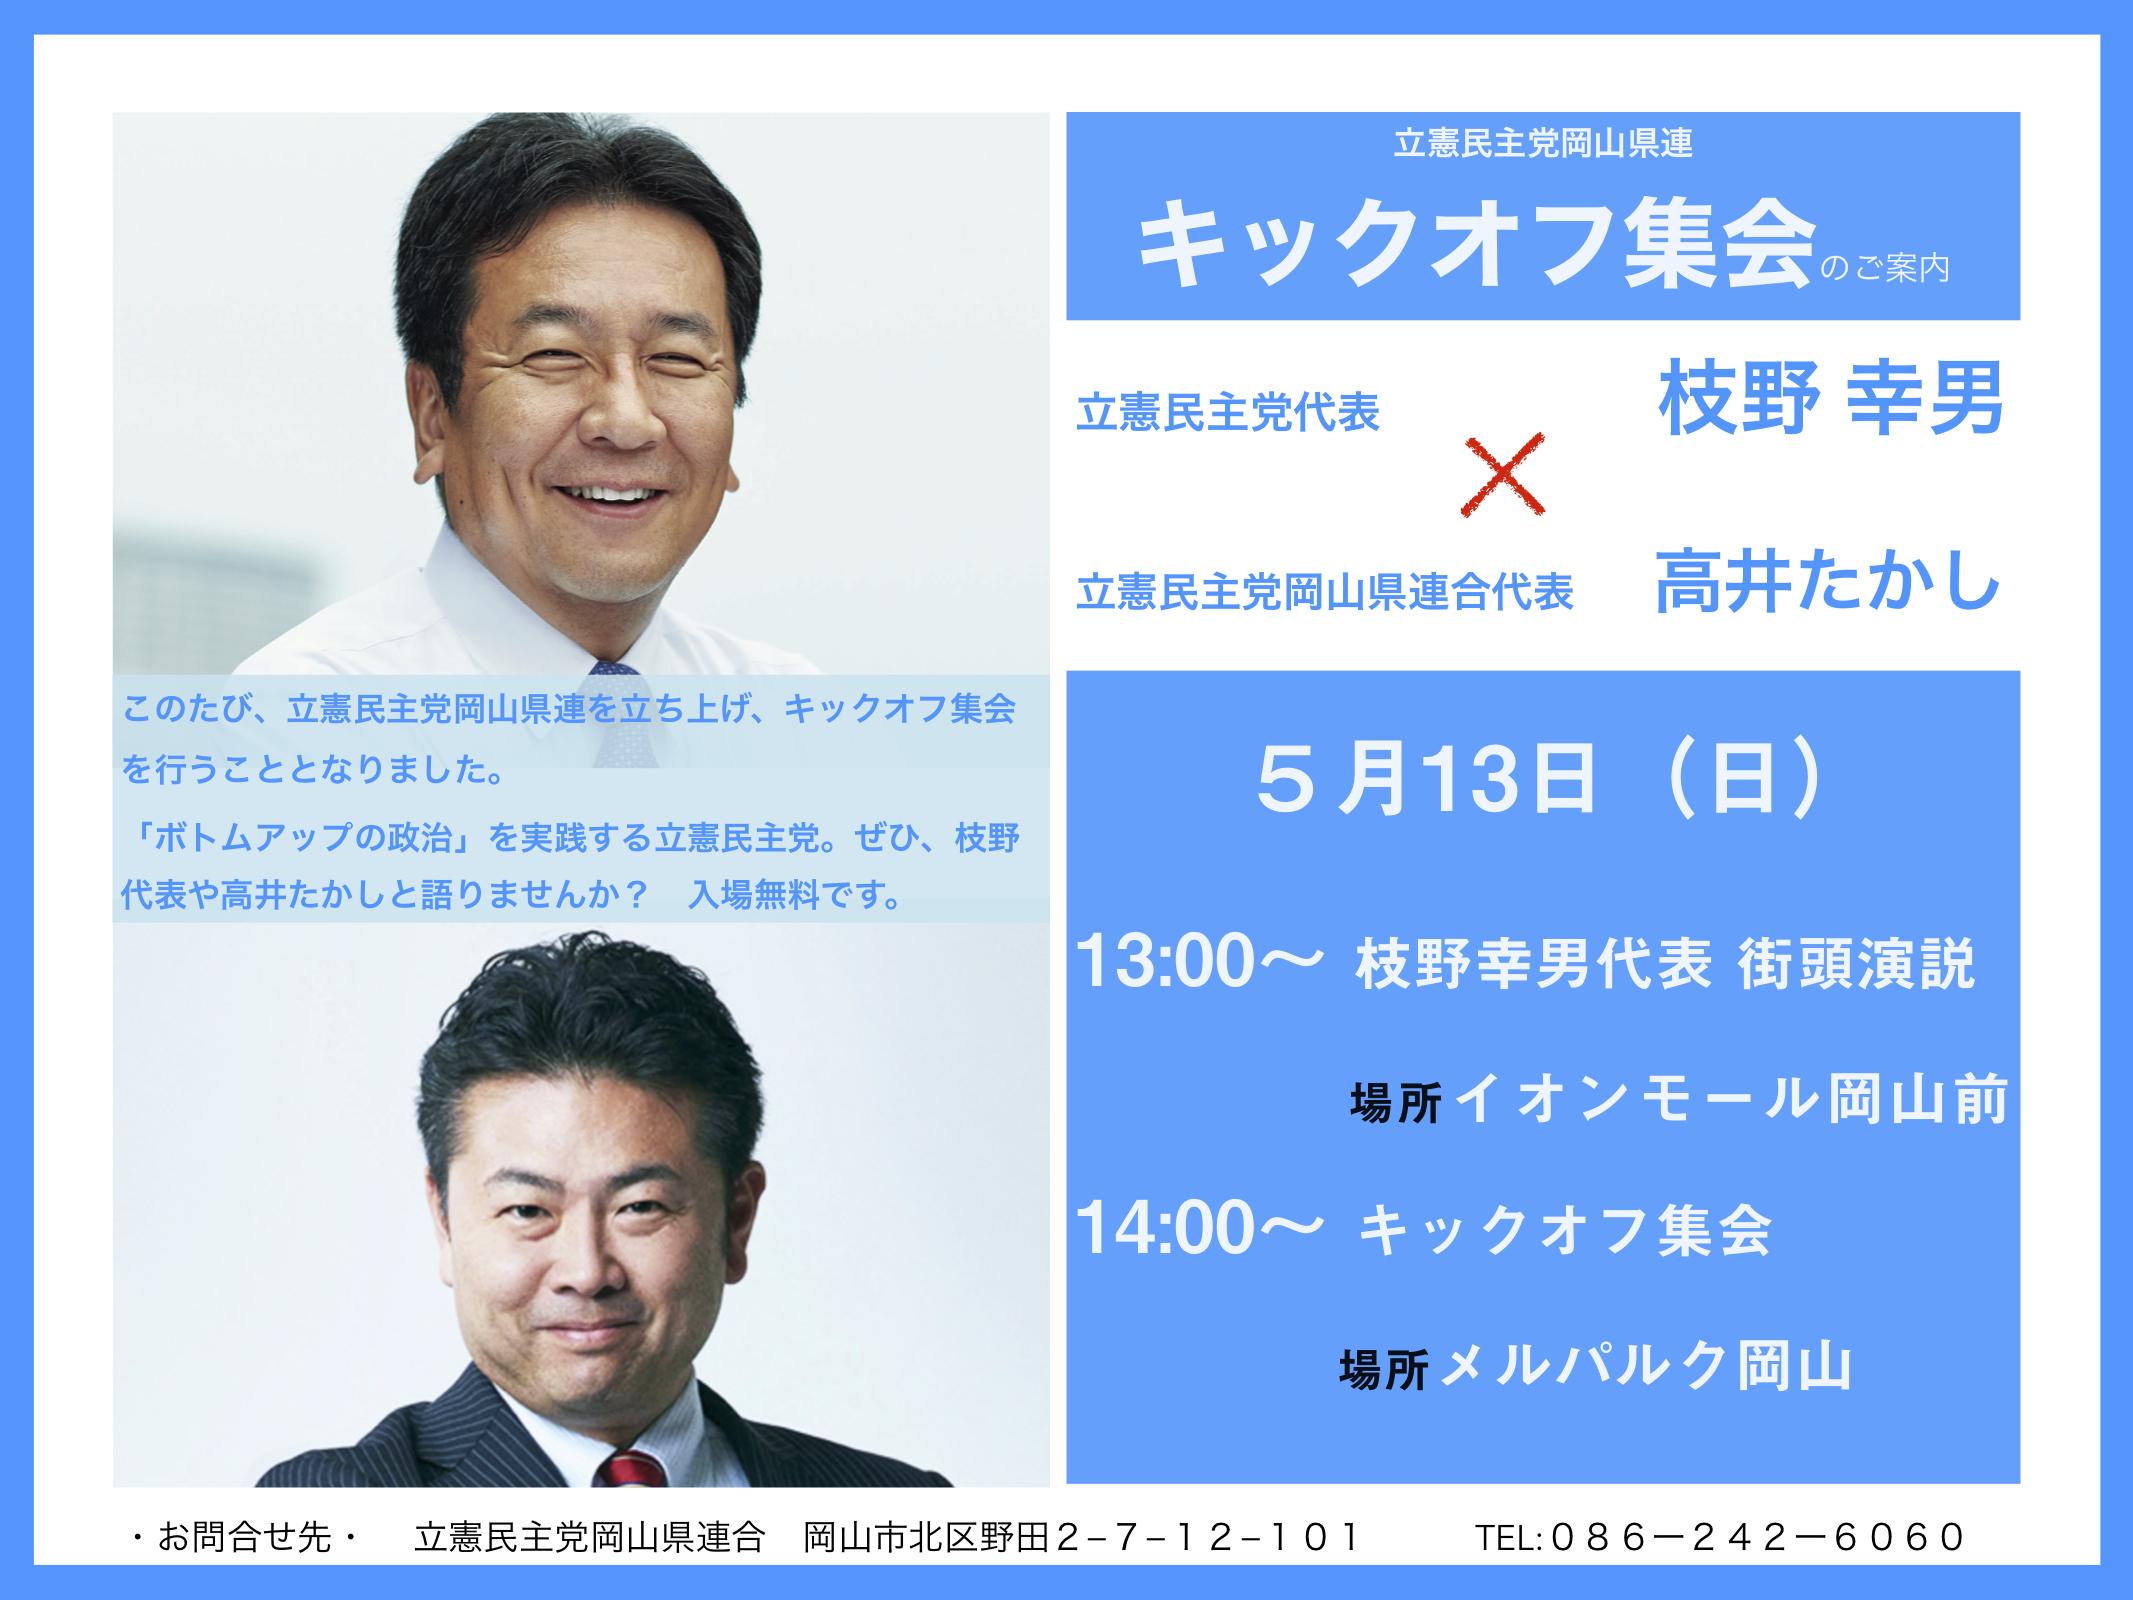 「立憲民主党岡山県連合キックオフ集会」枝野代表来岡決定